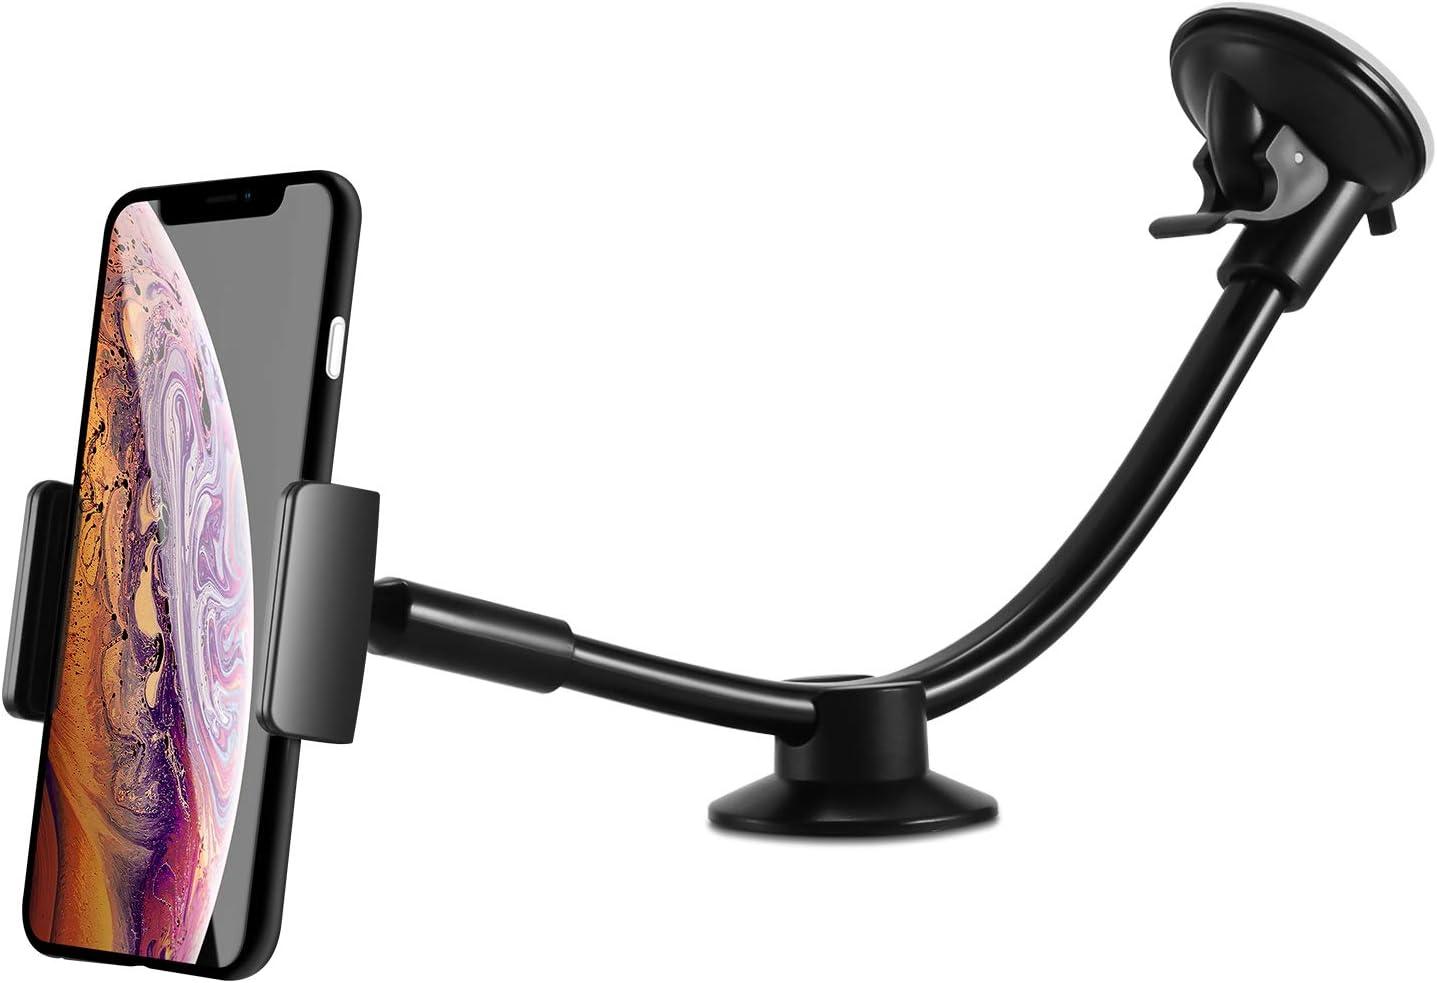 gr/ö/ße : B Breite 6-9.5cm Kompatibel mit den meisten mobilen Ger/äten Y U Y E Handyhalterung Halter Auto Autotelefonhalter Glas Saugnapf schwarz